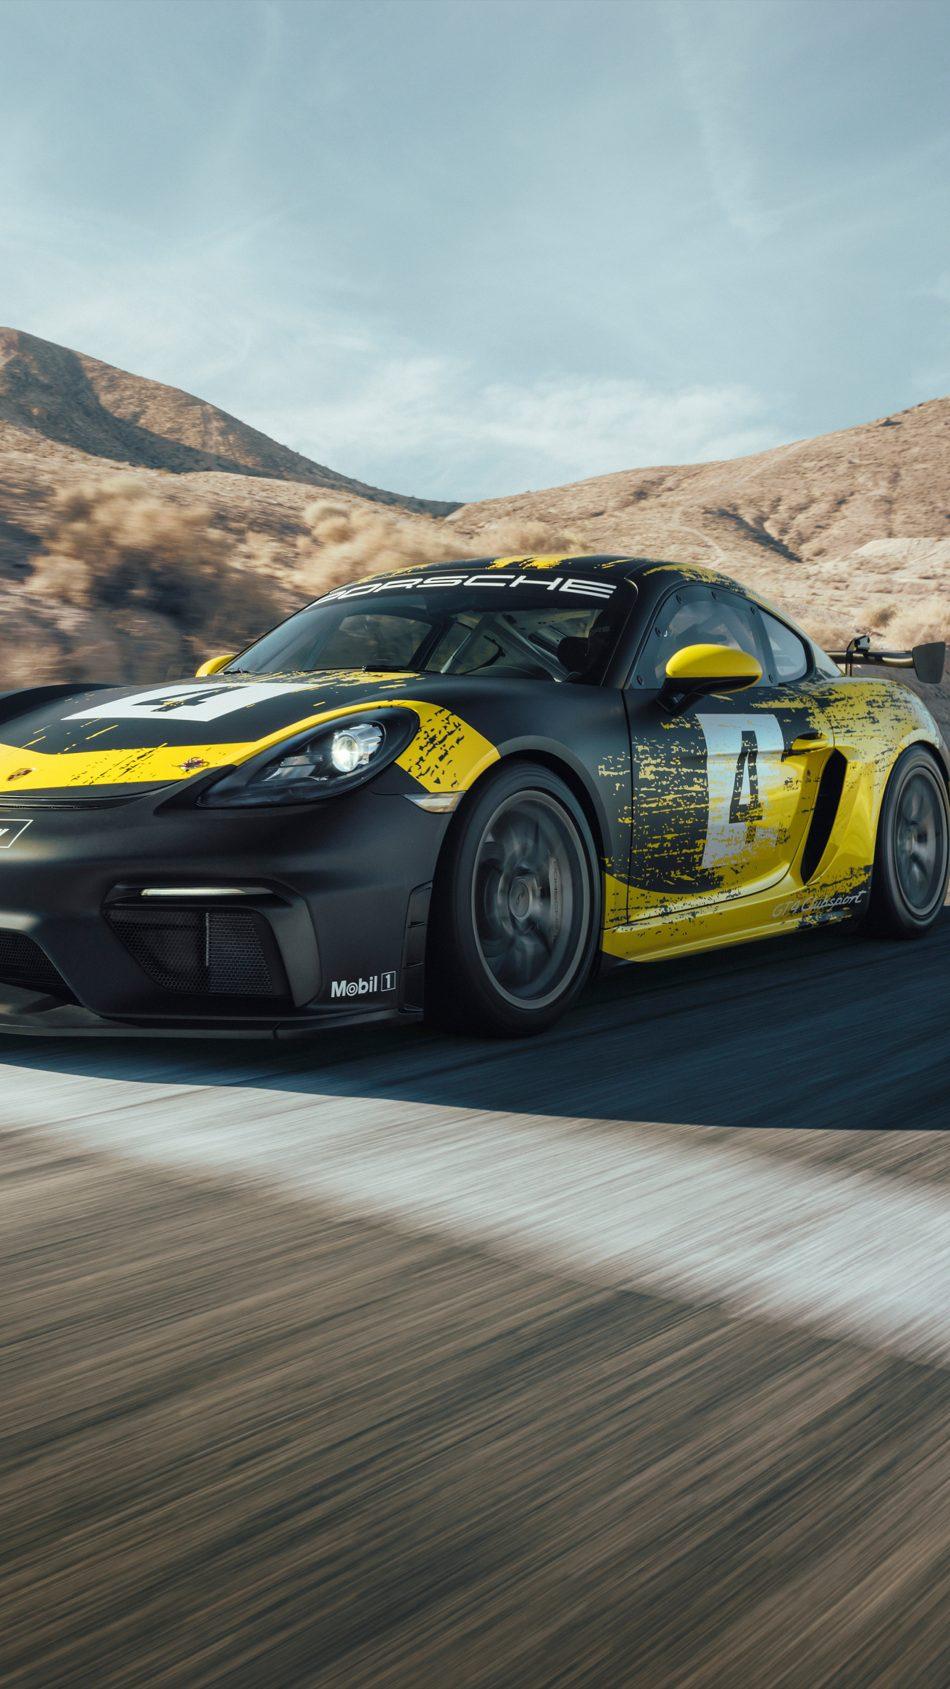 Porsche 718 Cayman Gt4 Clubsport 4k Ultra Hd Mobile Porsche 718 Cayman Gt4 Clubsport Mr 3264825 Hd Wallpaper Backgrounds Download